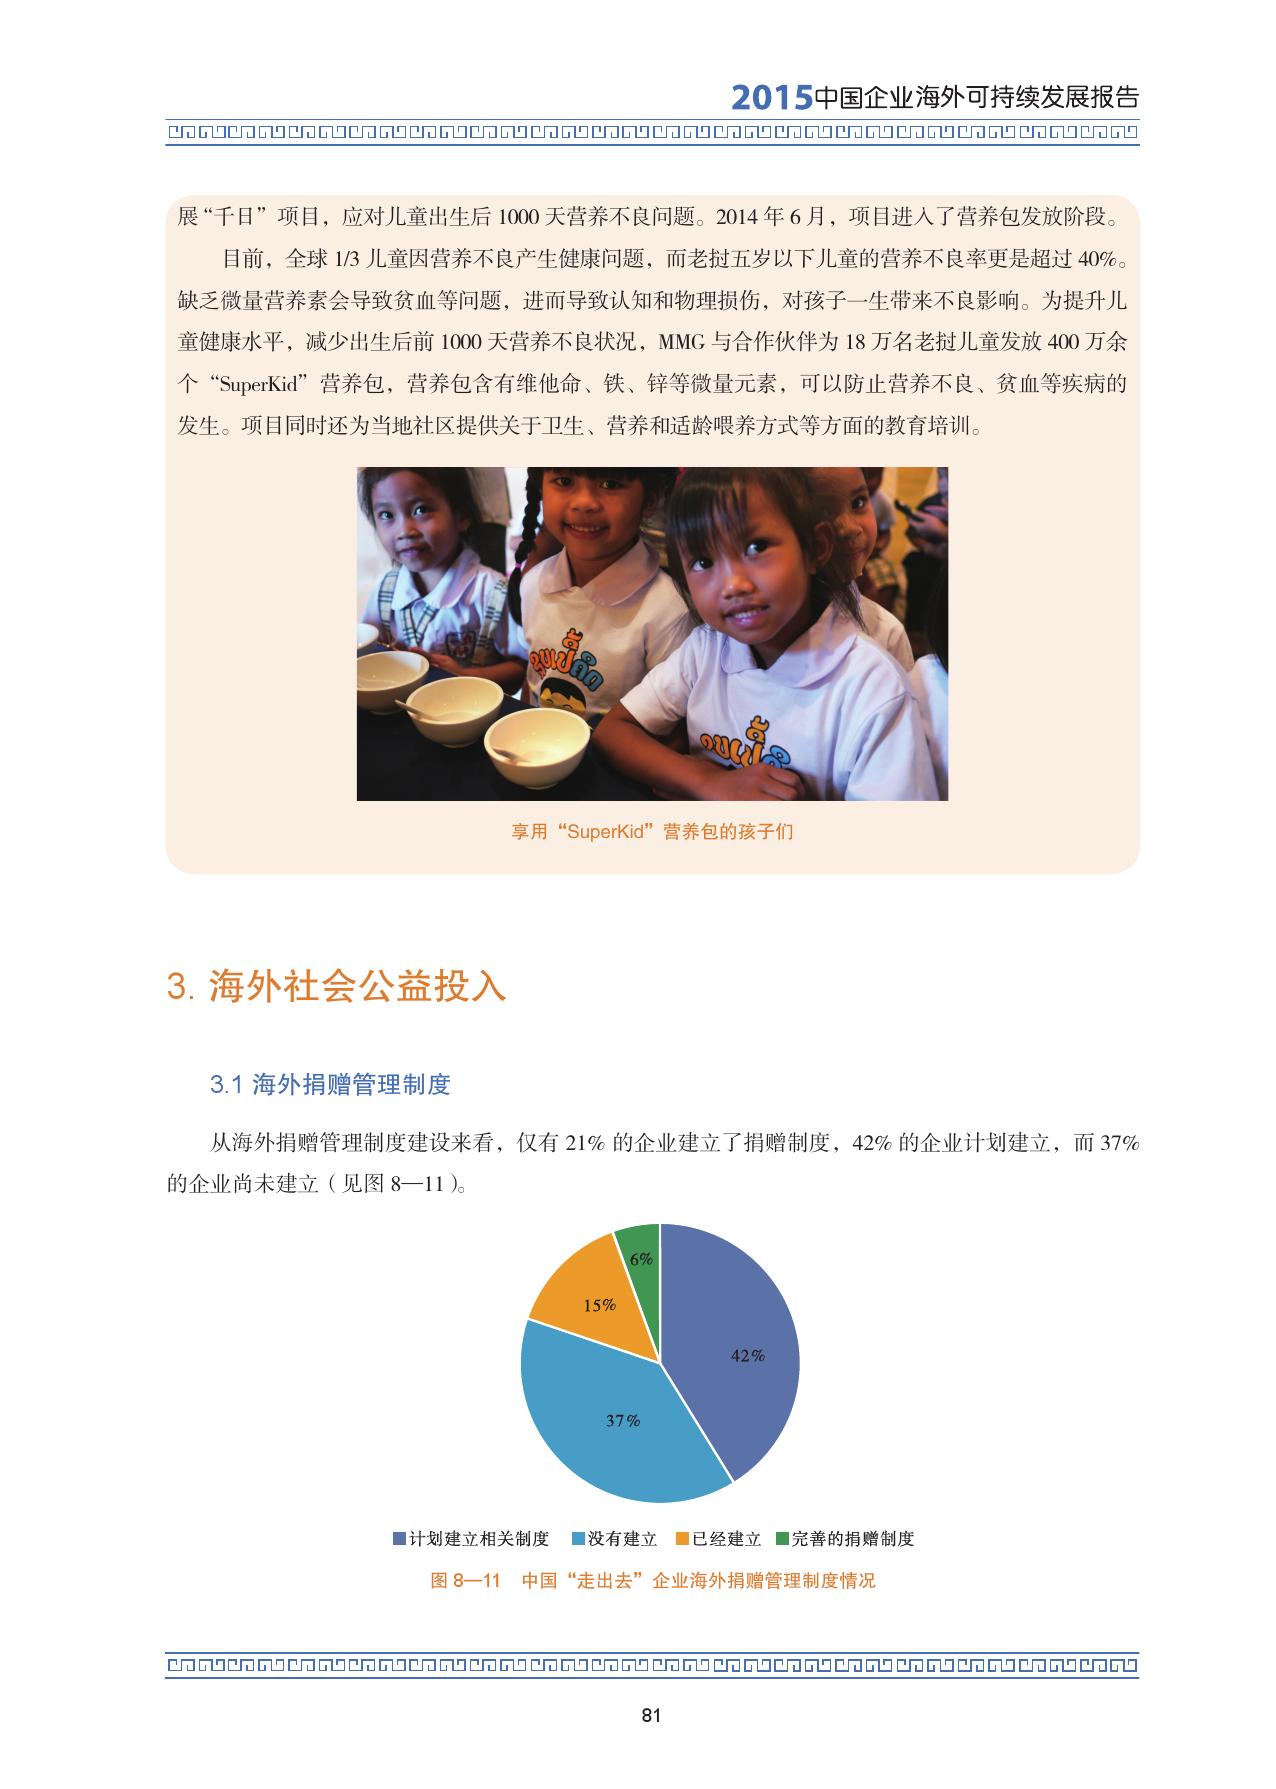 2015中国企业海外可持续发展报告_000095